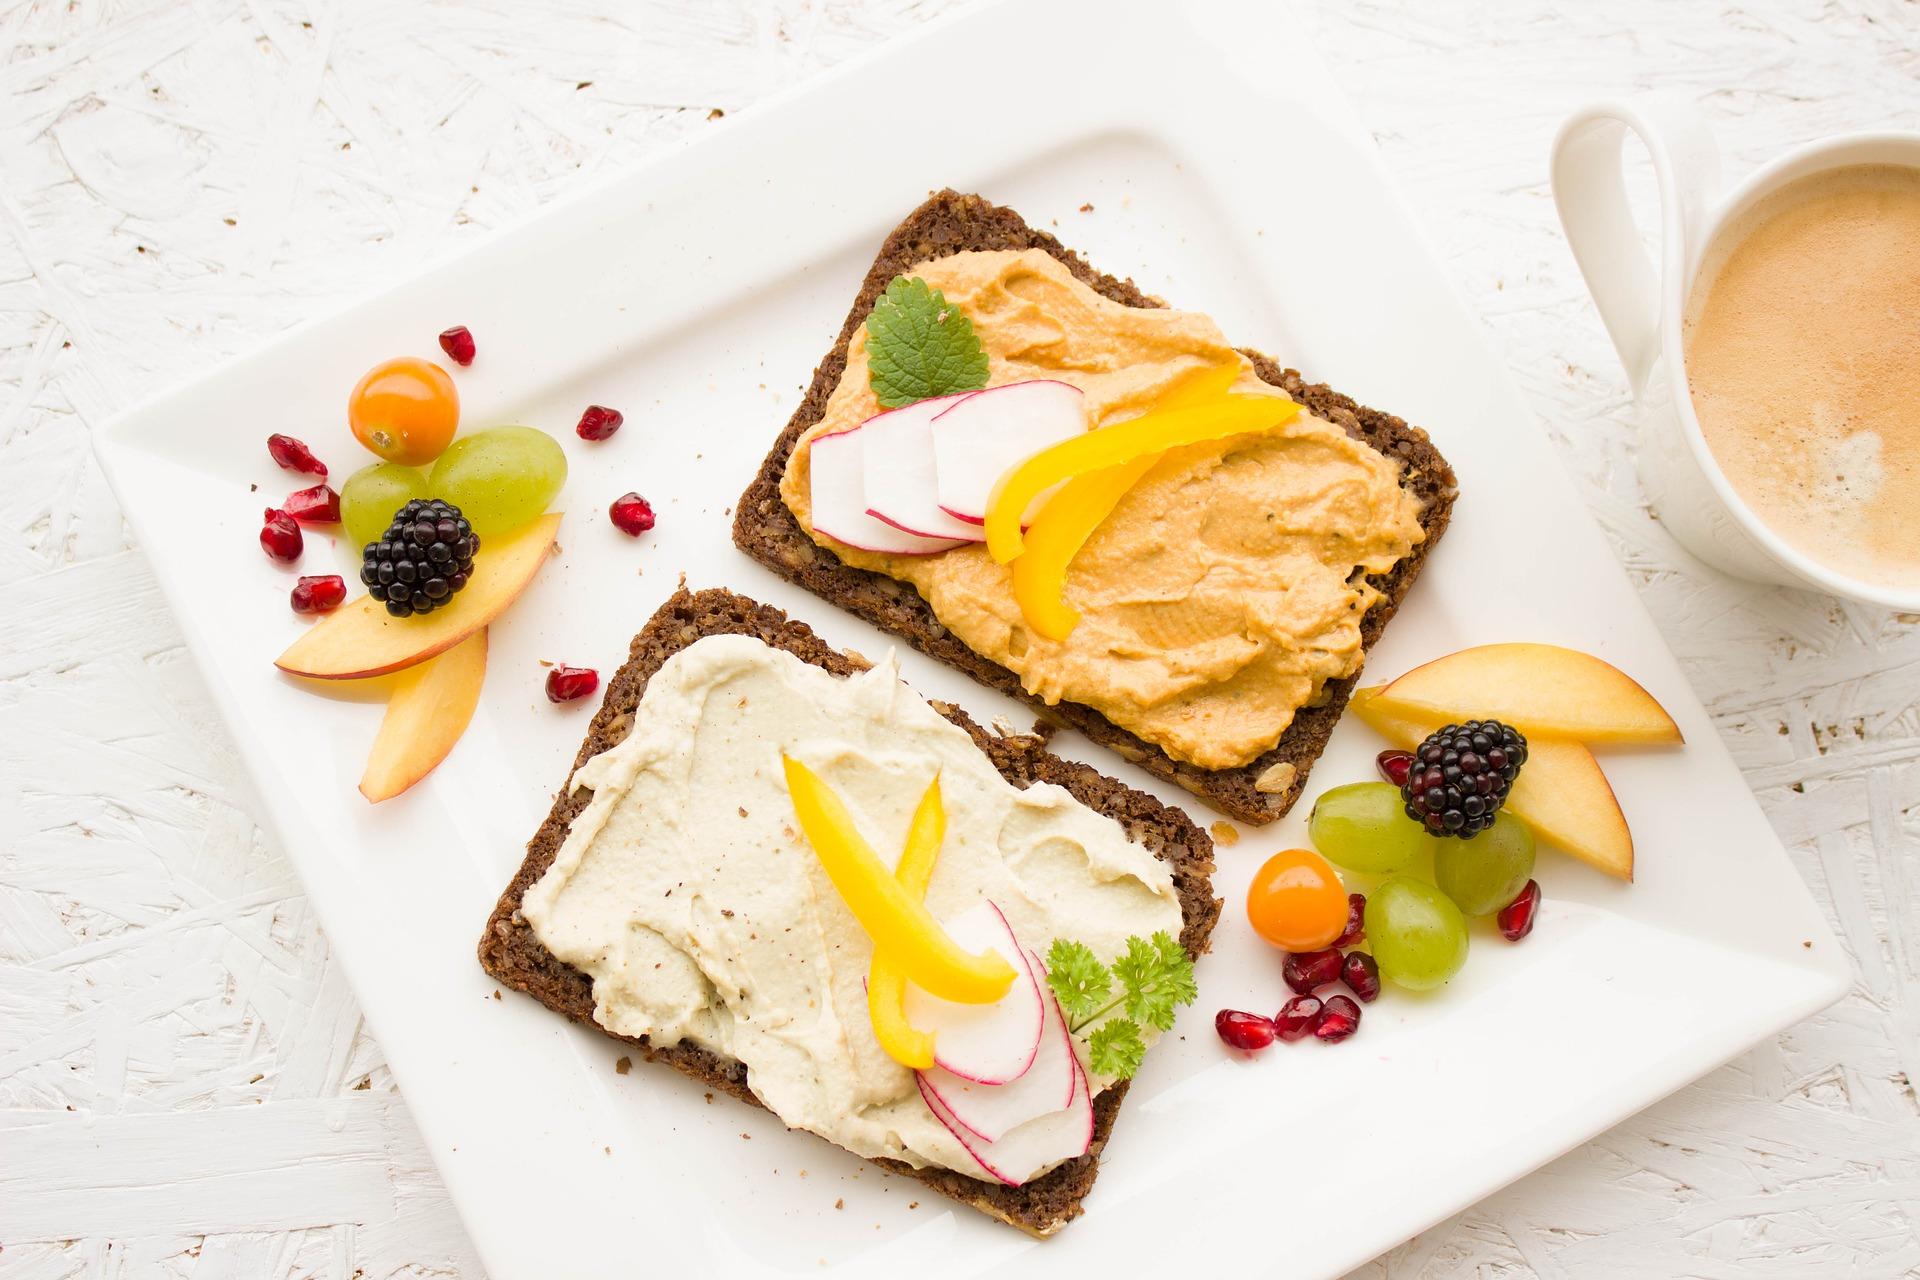 Pola makan DASH untuk kurangi risiko hipertensi dan gagal jantung